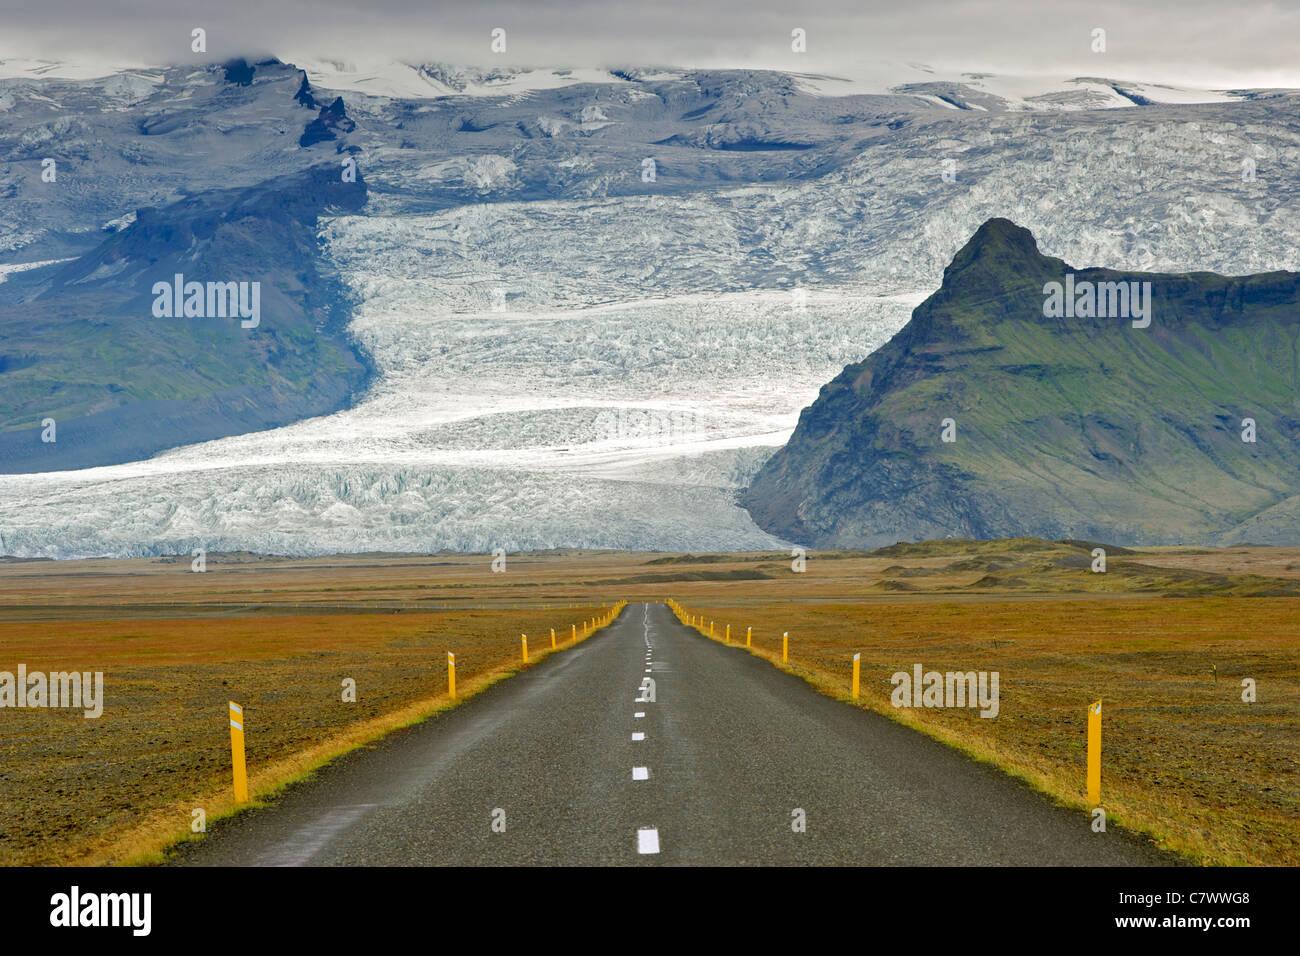 La rocade islandaise et les pentes de la plus haute montagne d'Islande Hvannadalshnúkur (2110m), une partie Photo Stock